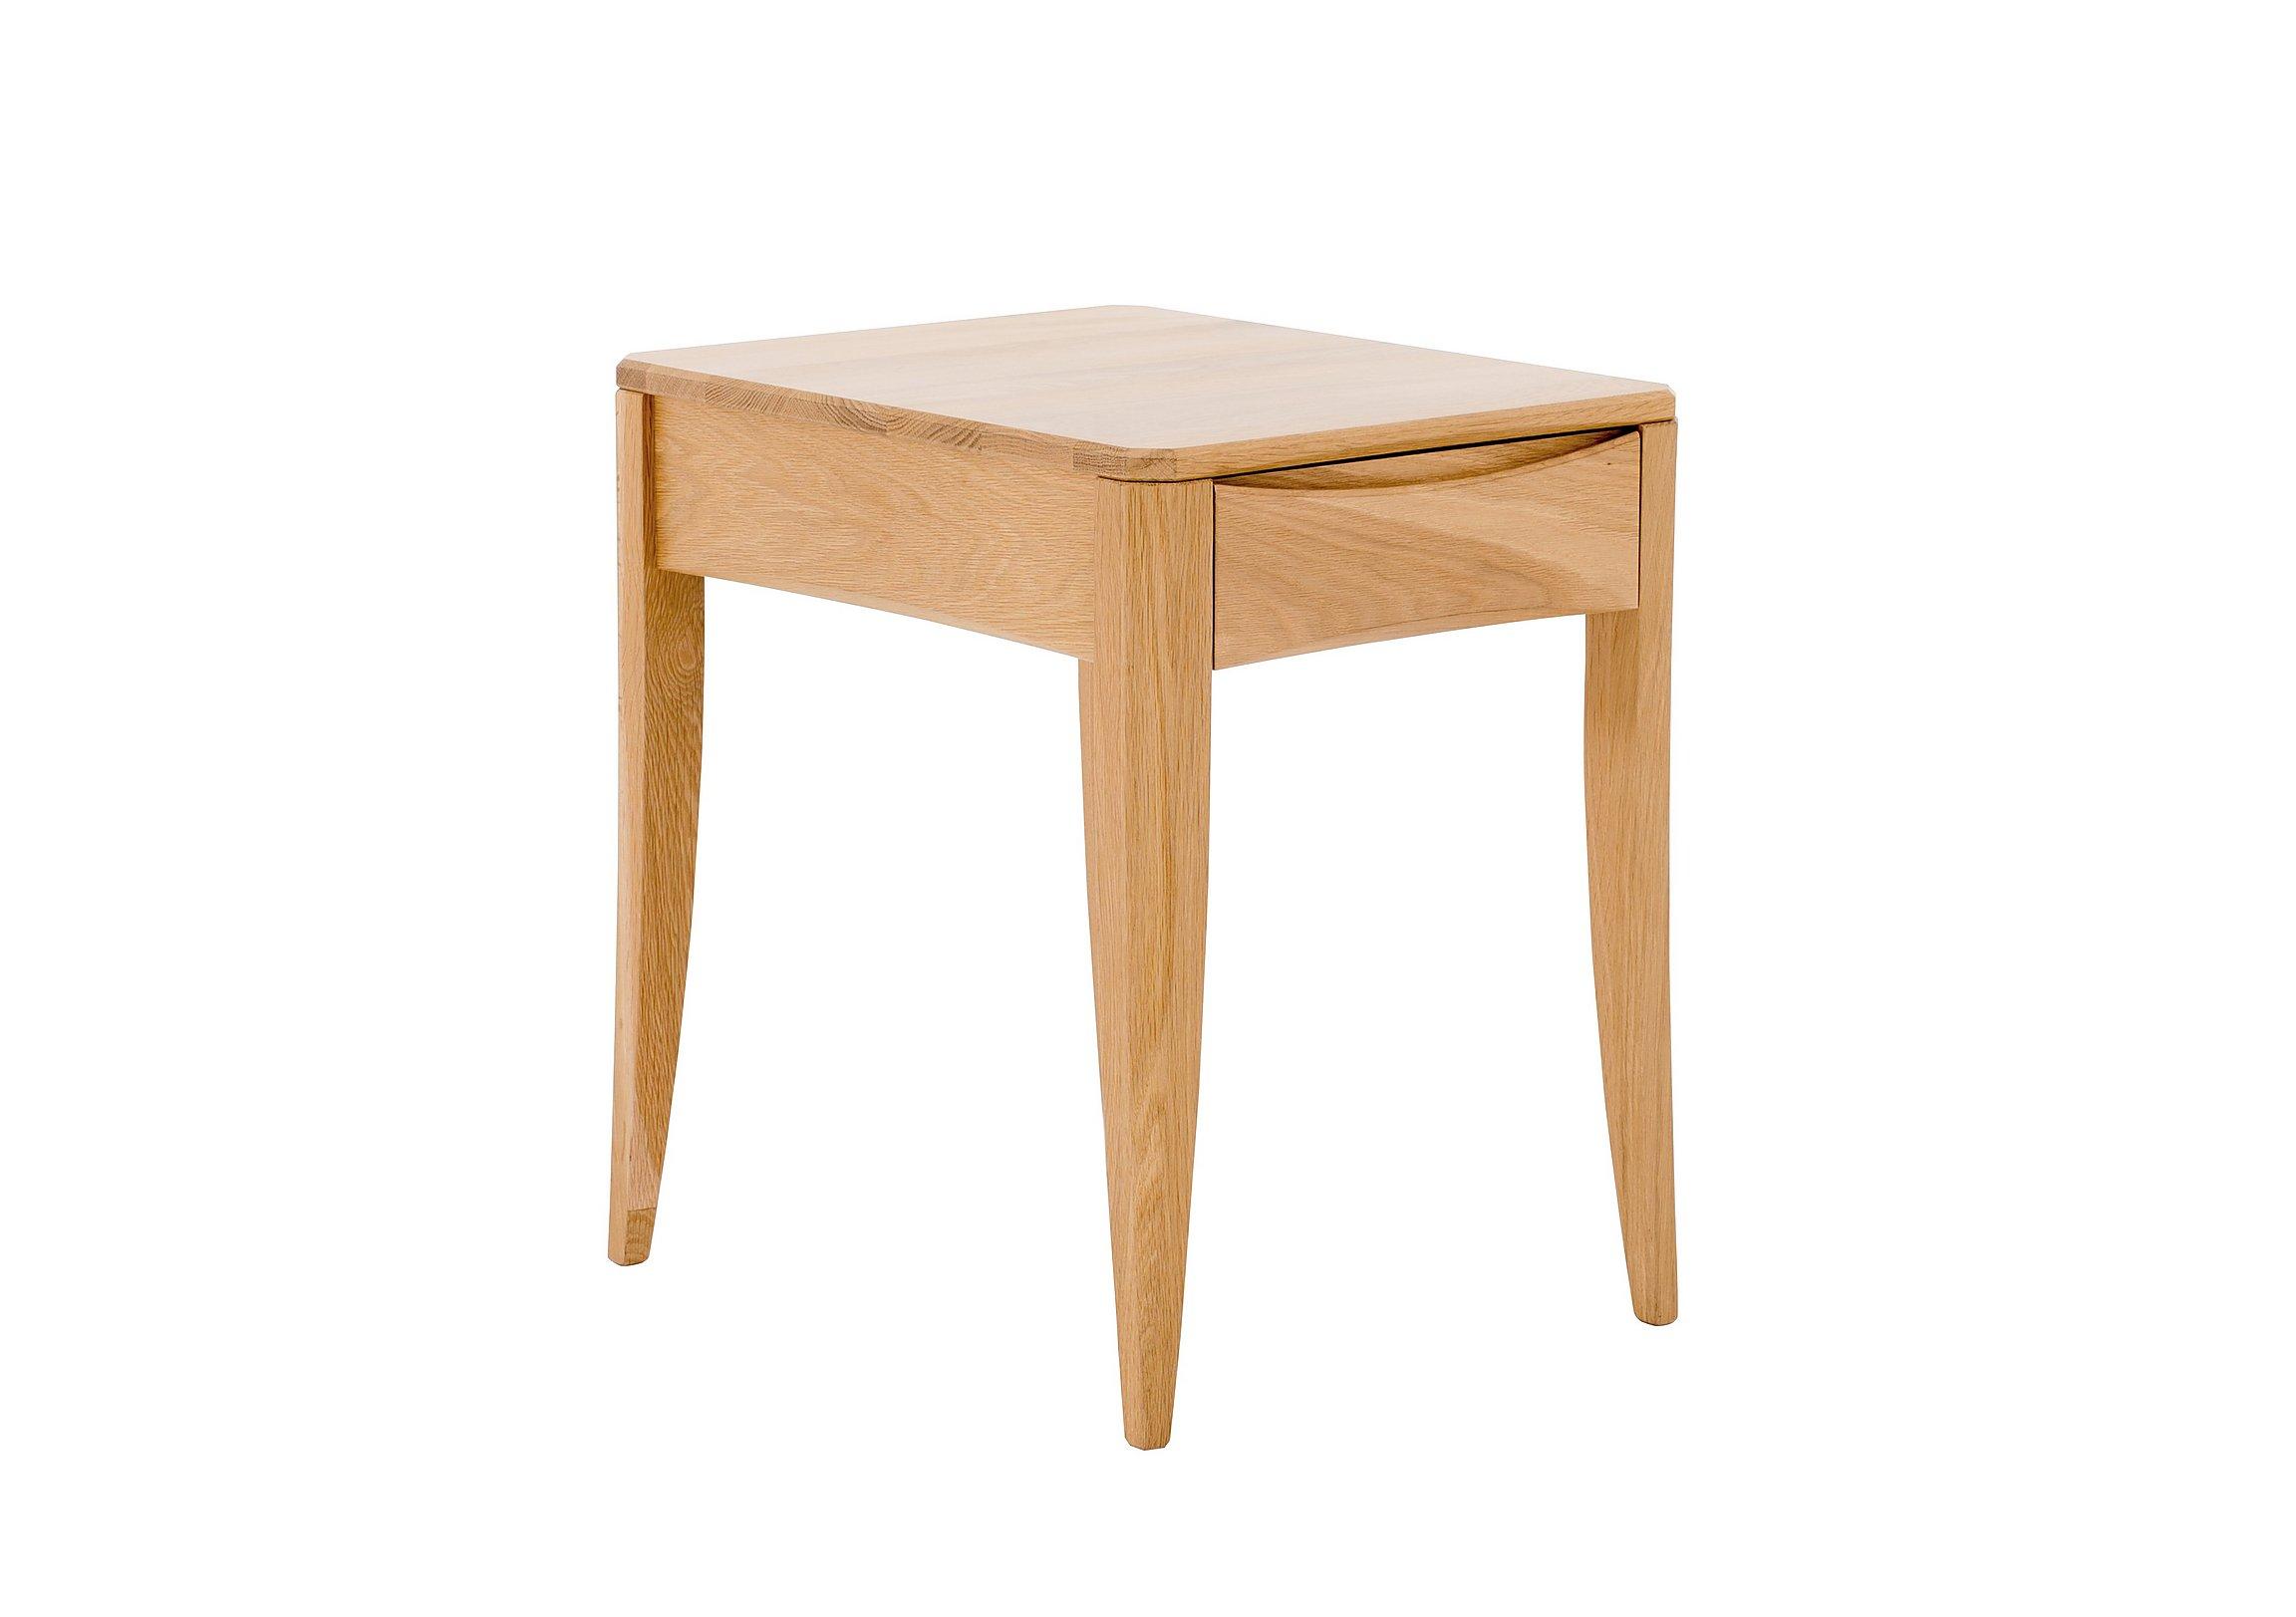 Artisan lamp table ercol furniture village artisan lamp table loading images aloadofball Images